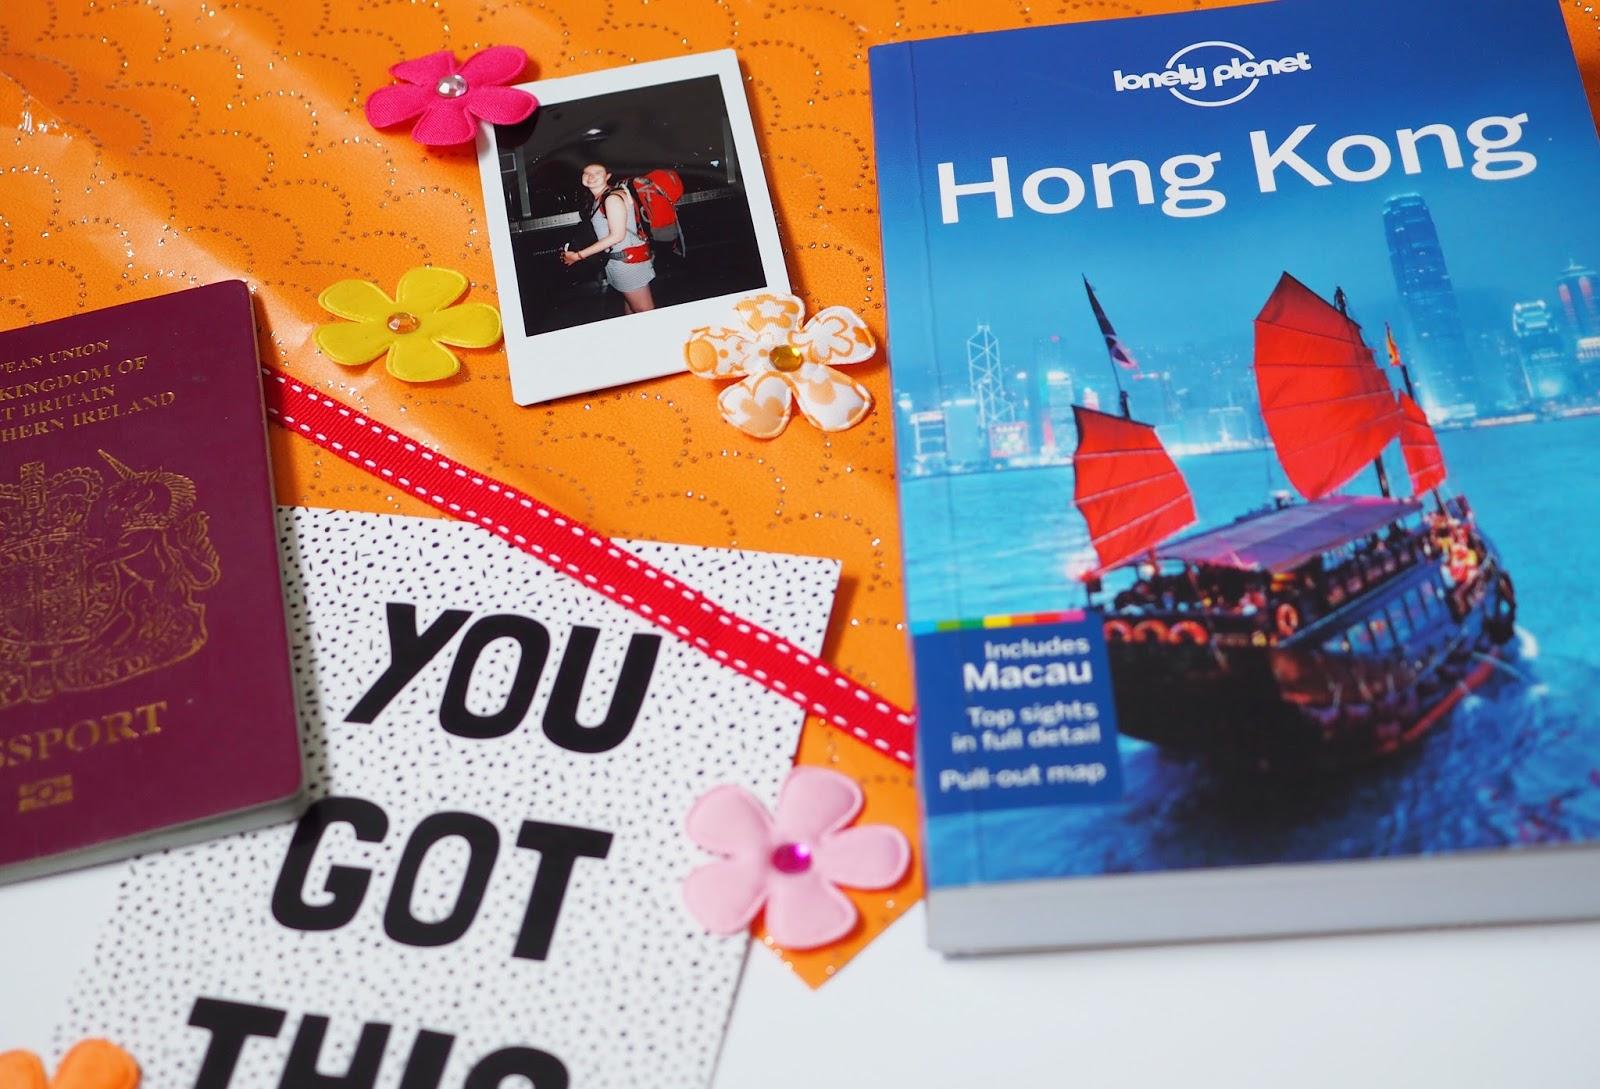 Moving to Hong Kong blog post